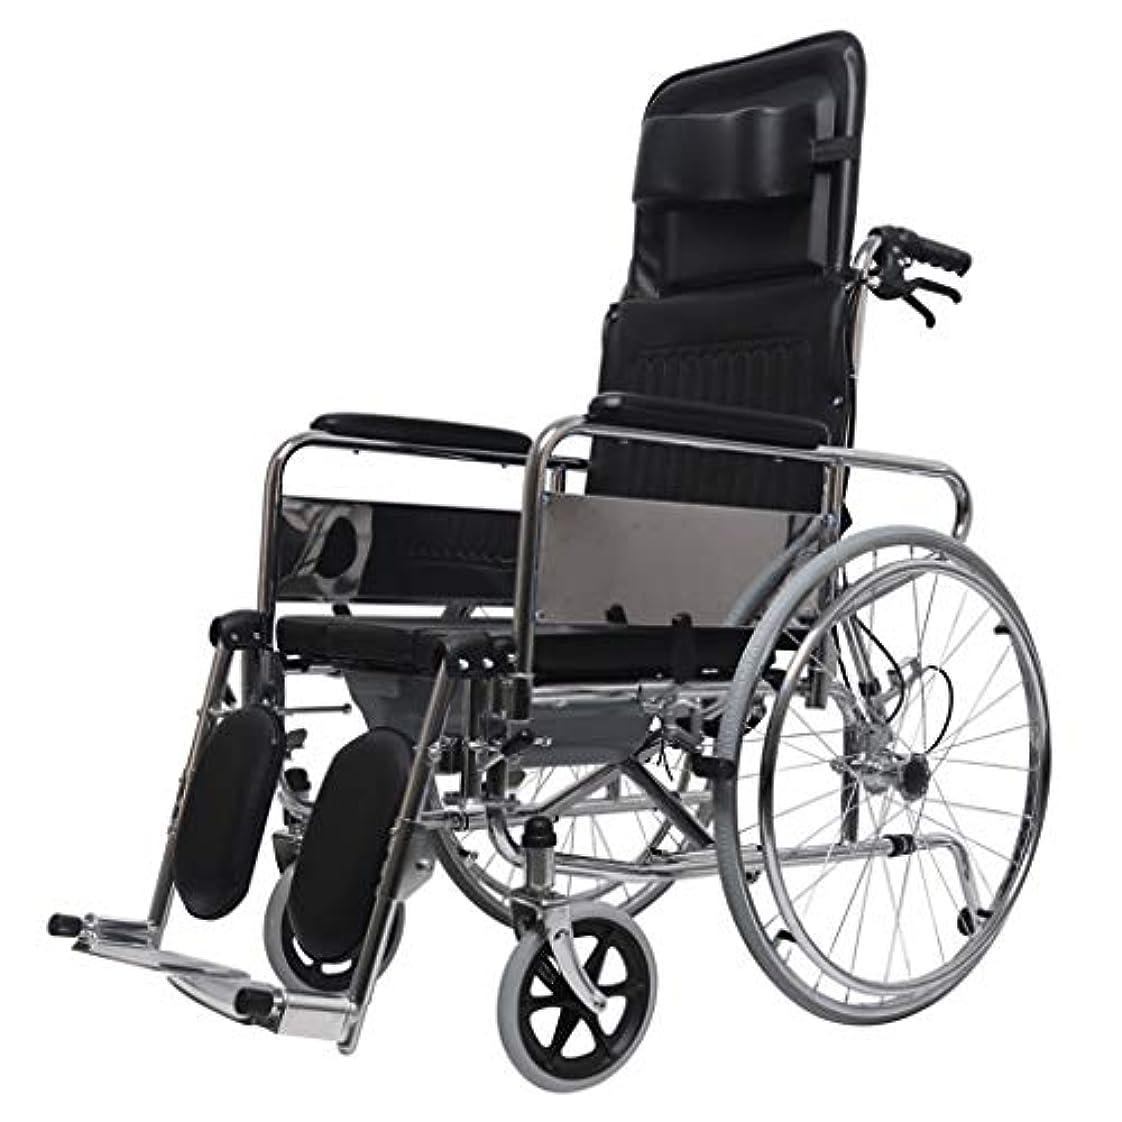 ジャンクション年齢孤独な車椅子トロリー、ブレーキ付き多機能折りたたみ、高齢者向け車椅子、屋外旅行、優れたヘルパー